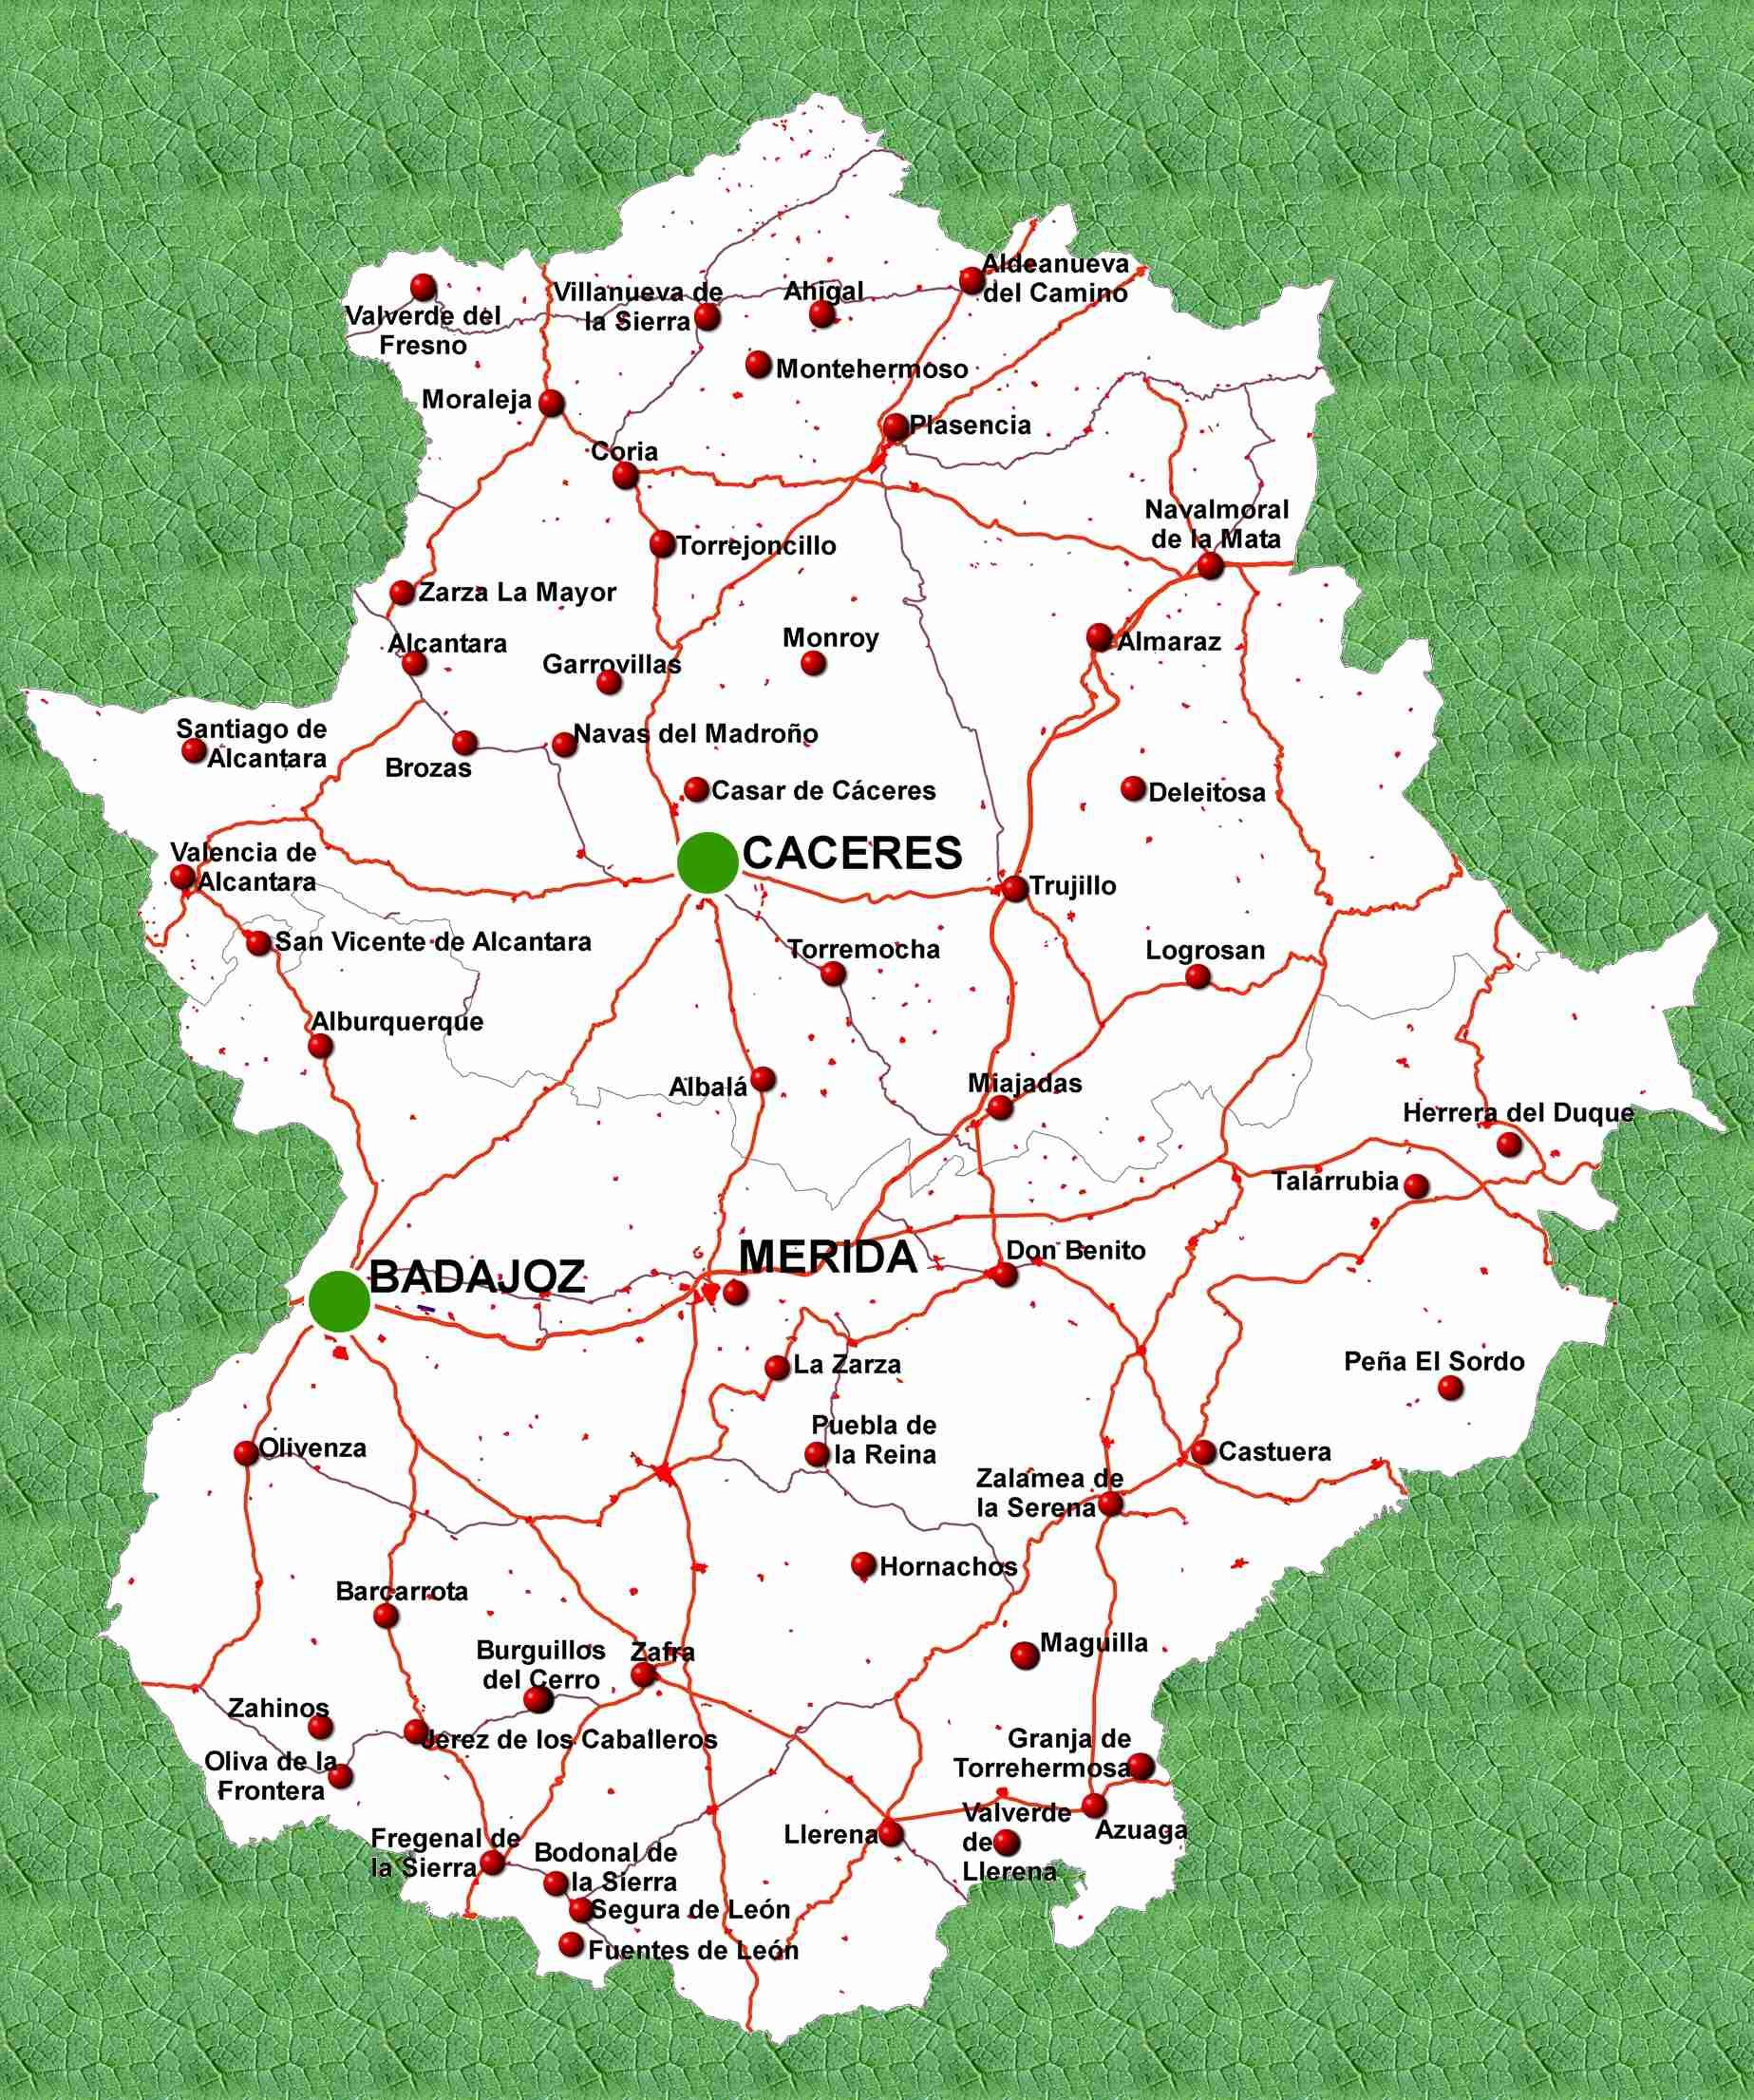 ¿Cómo llegar a Cáceres y no perderse?